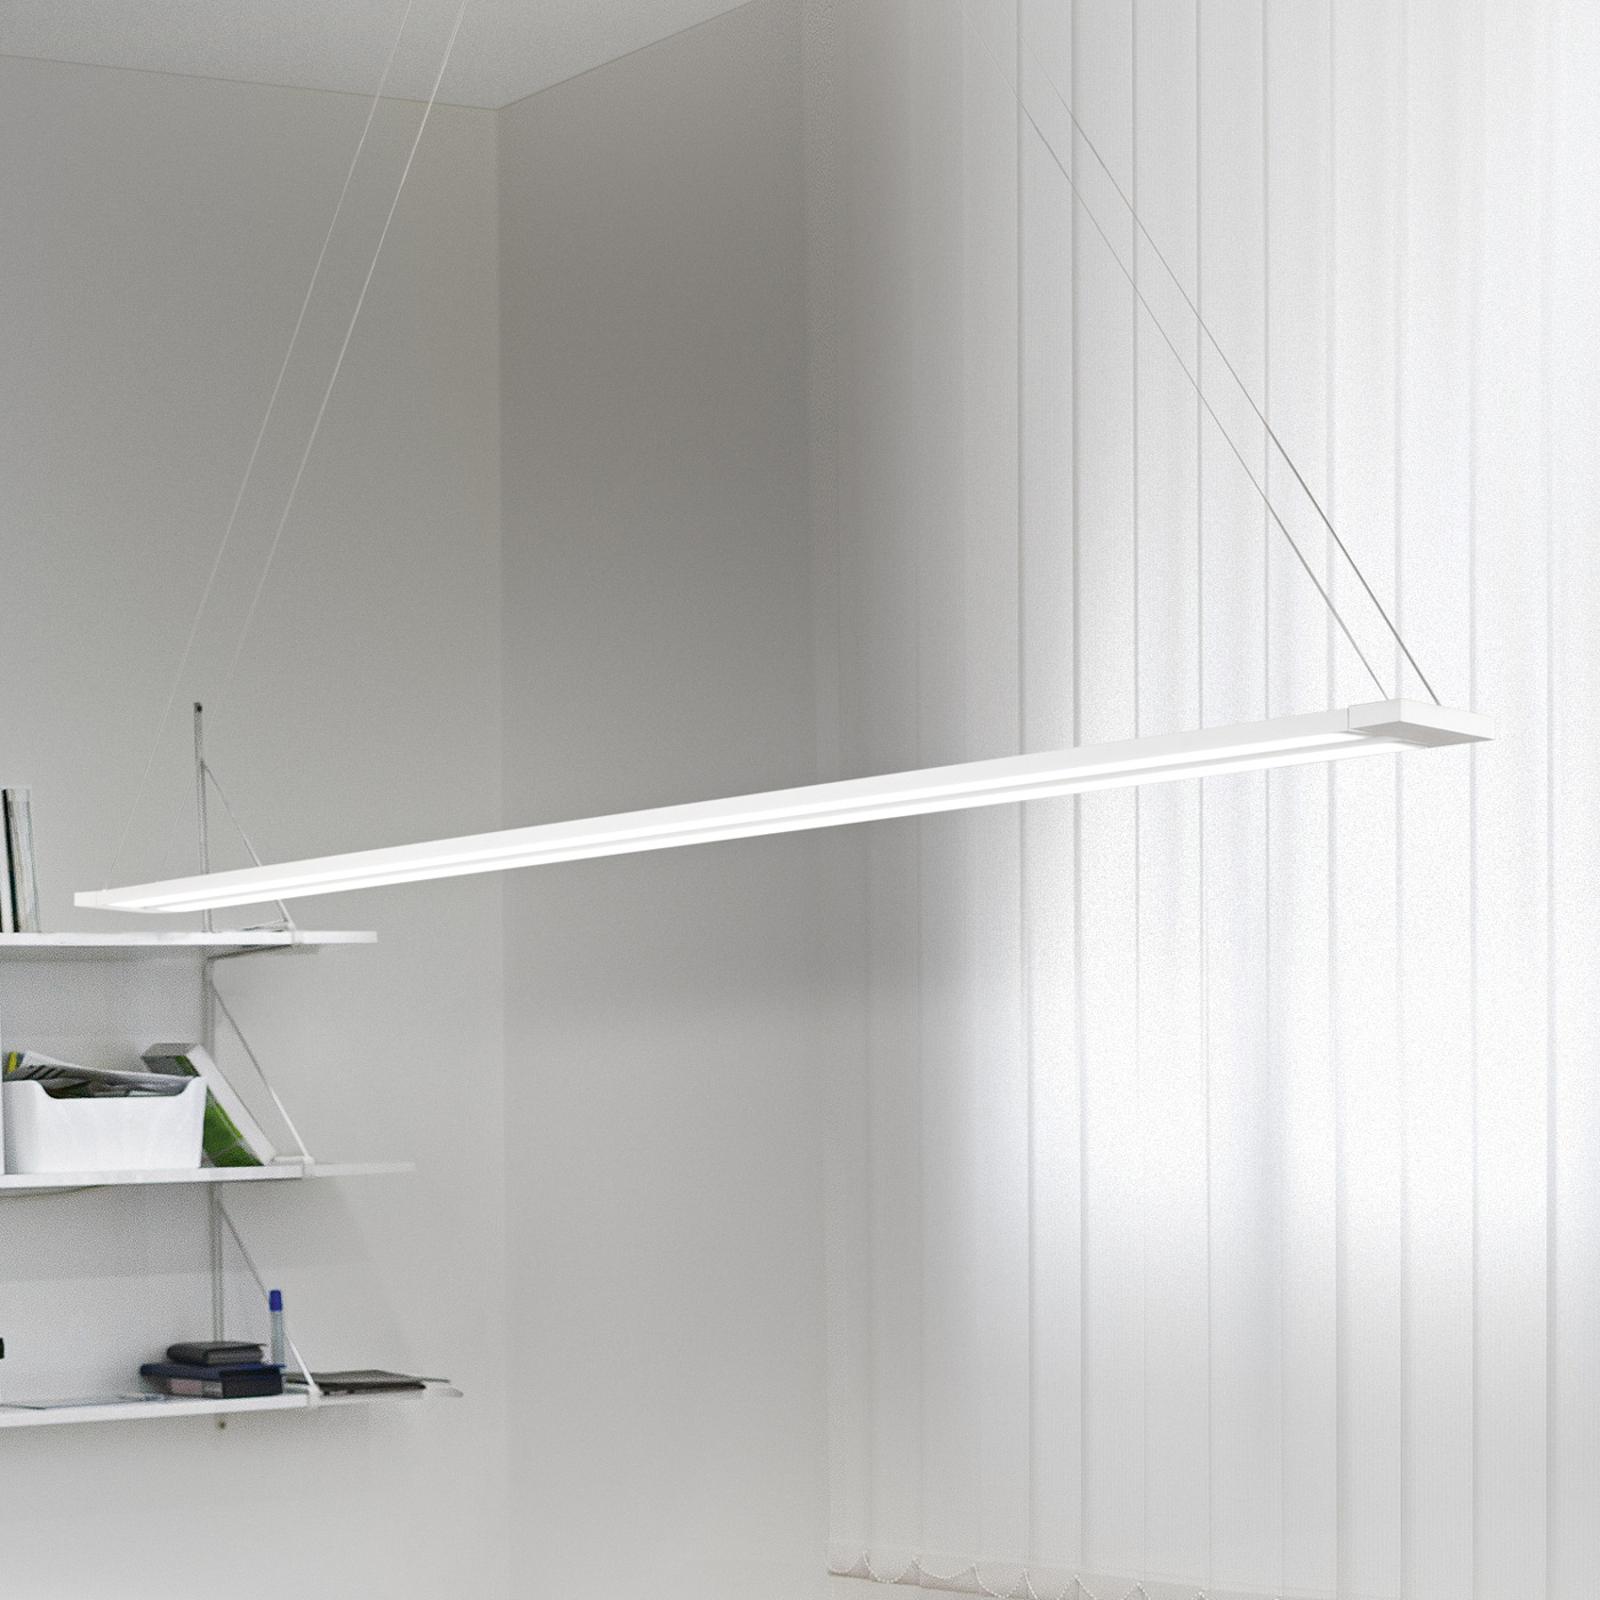 LED-Pendelleuchte Sway, Lichtelemente drehbar